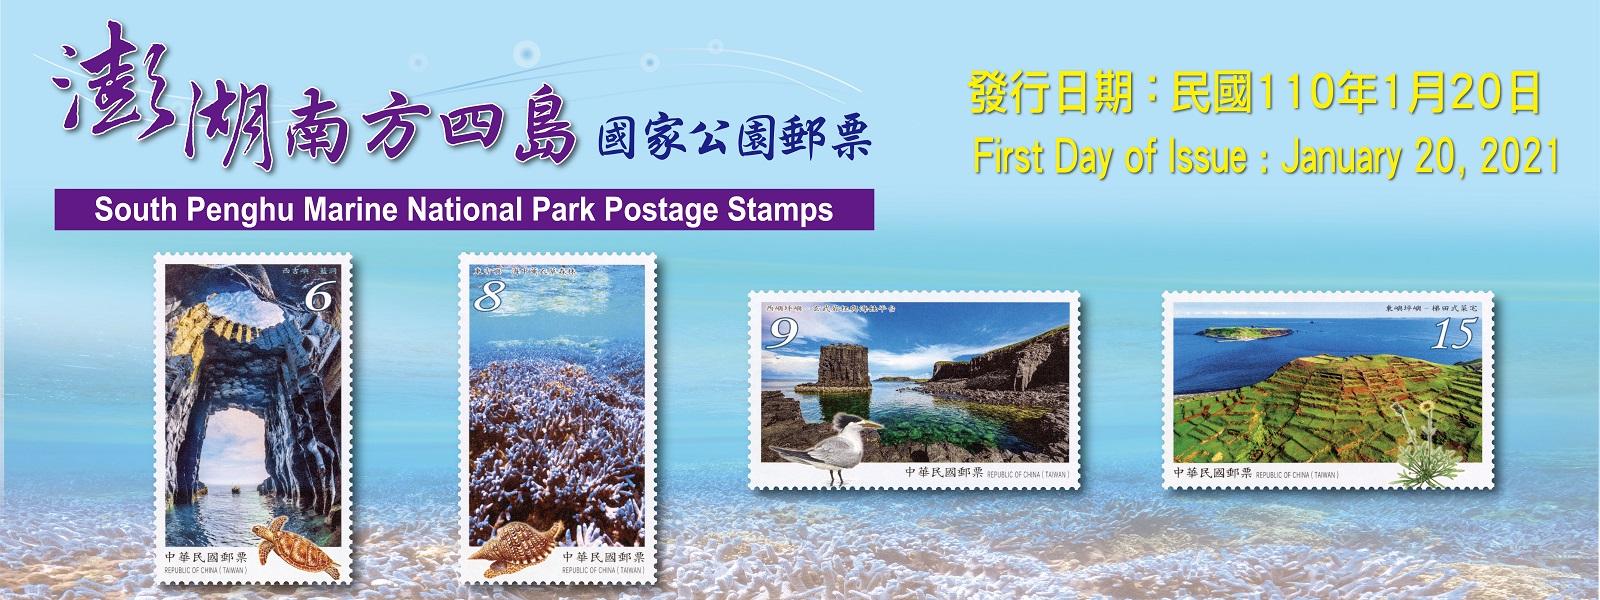 特703 澎湖南方四島國家公園郵票廣告連結